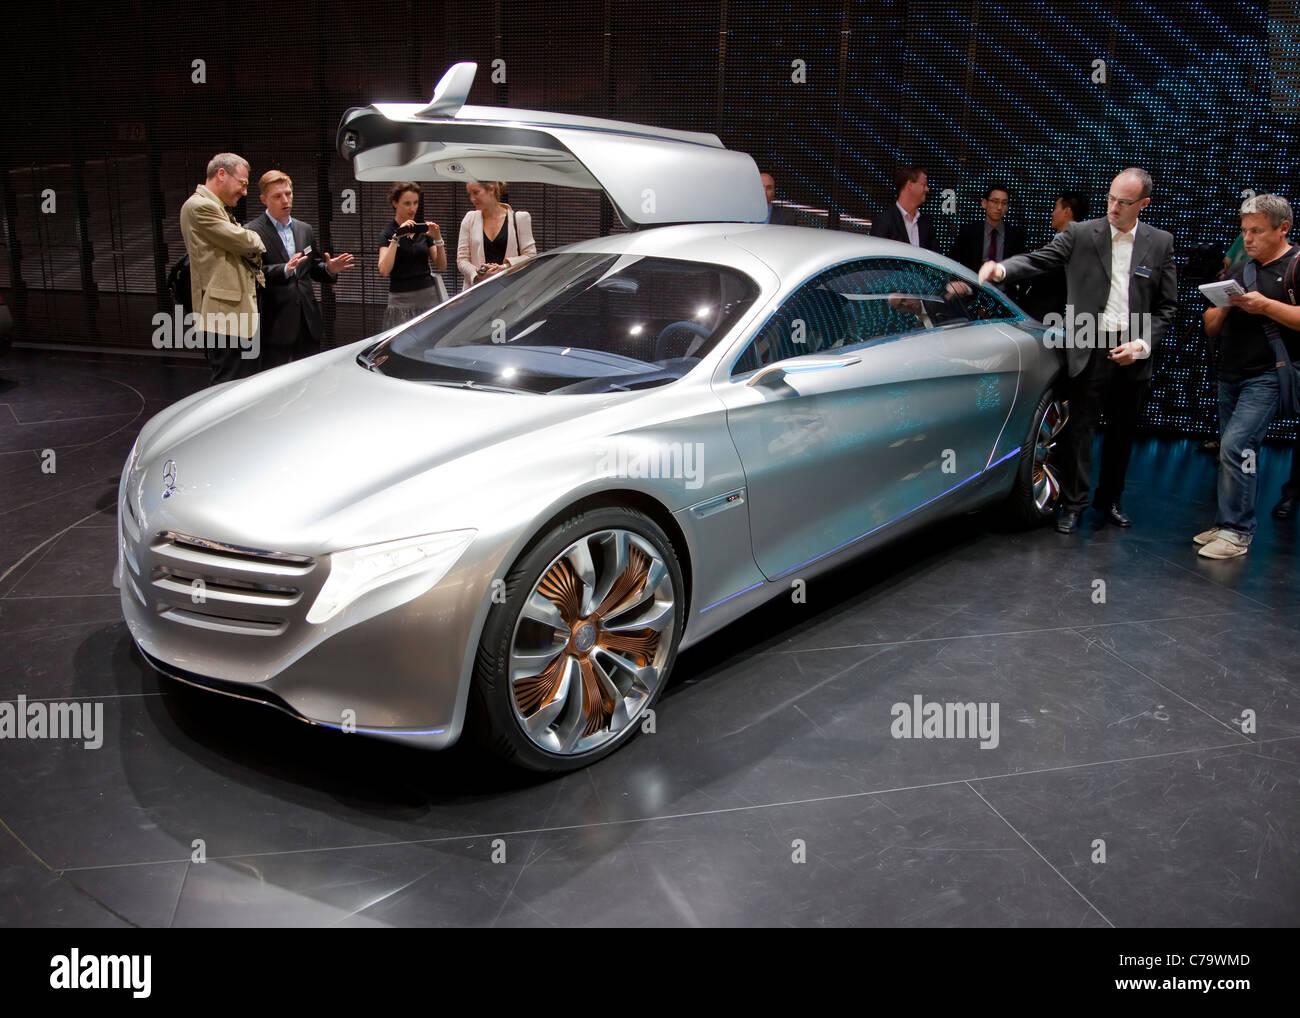 Nuevo Concept Car Mercedes Benz F125 en el IAA 2011 Salón Internacional del Automóvil de Frankfurt, Alemania Imagen De Stock